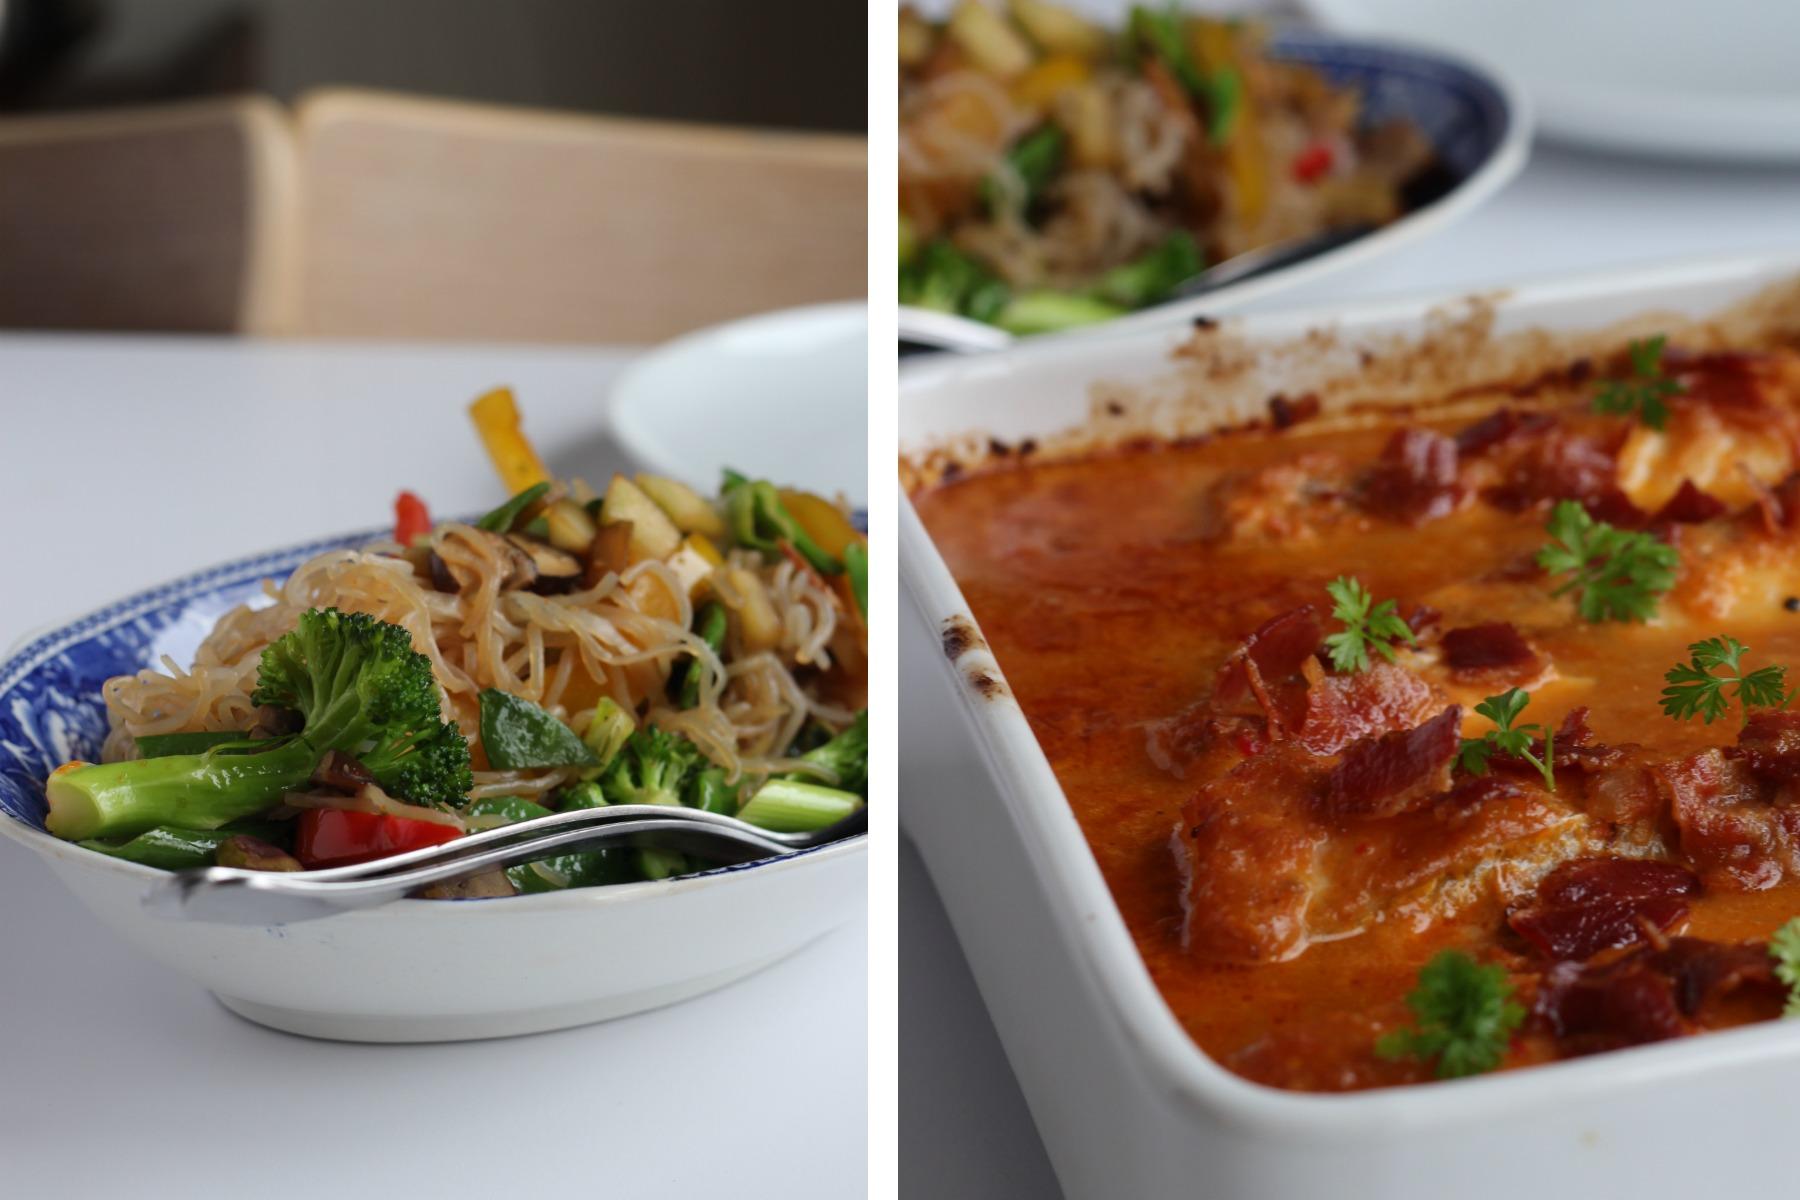 Torsk i curry og lynsvitsede grøntsager